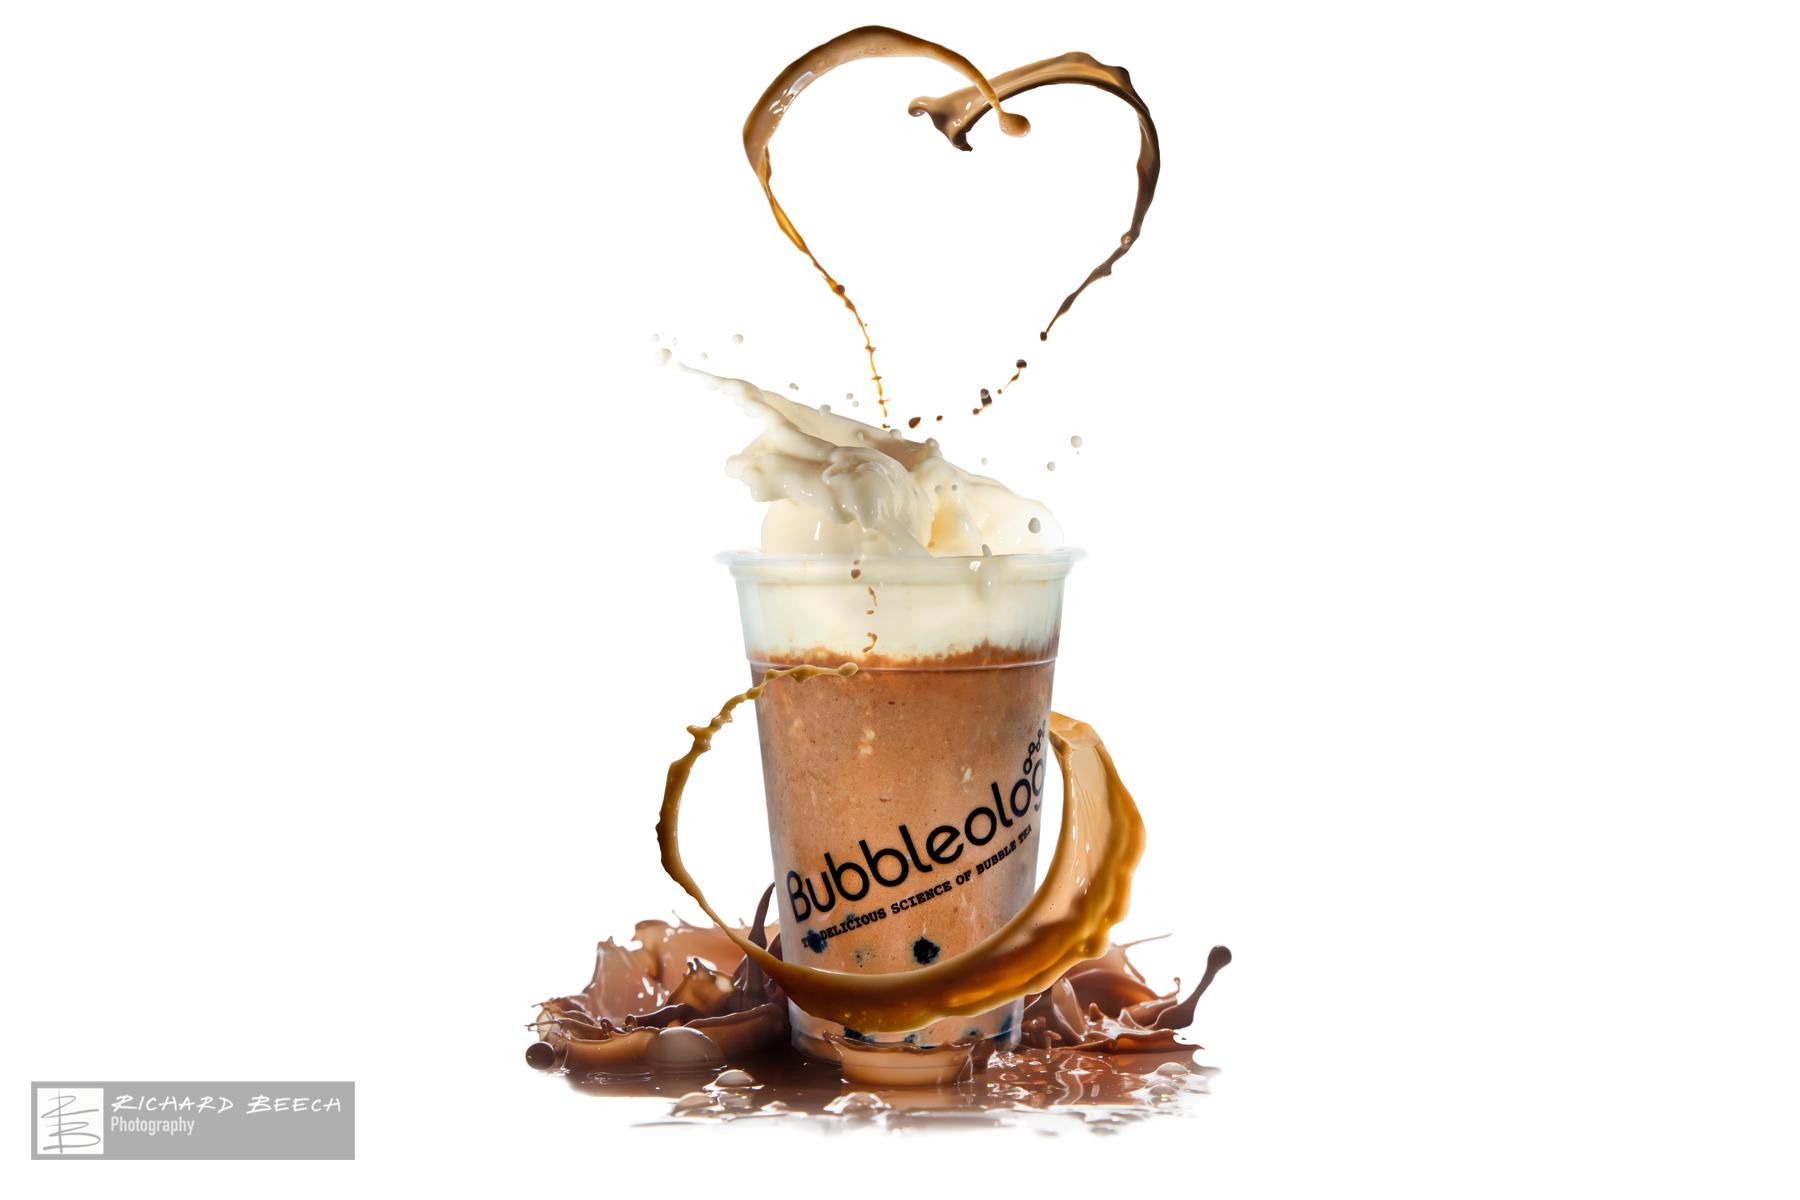 Nutella Slushie Crown: Splash Advert